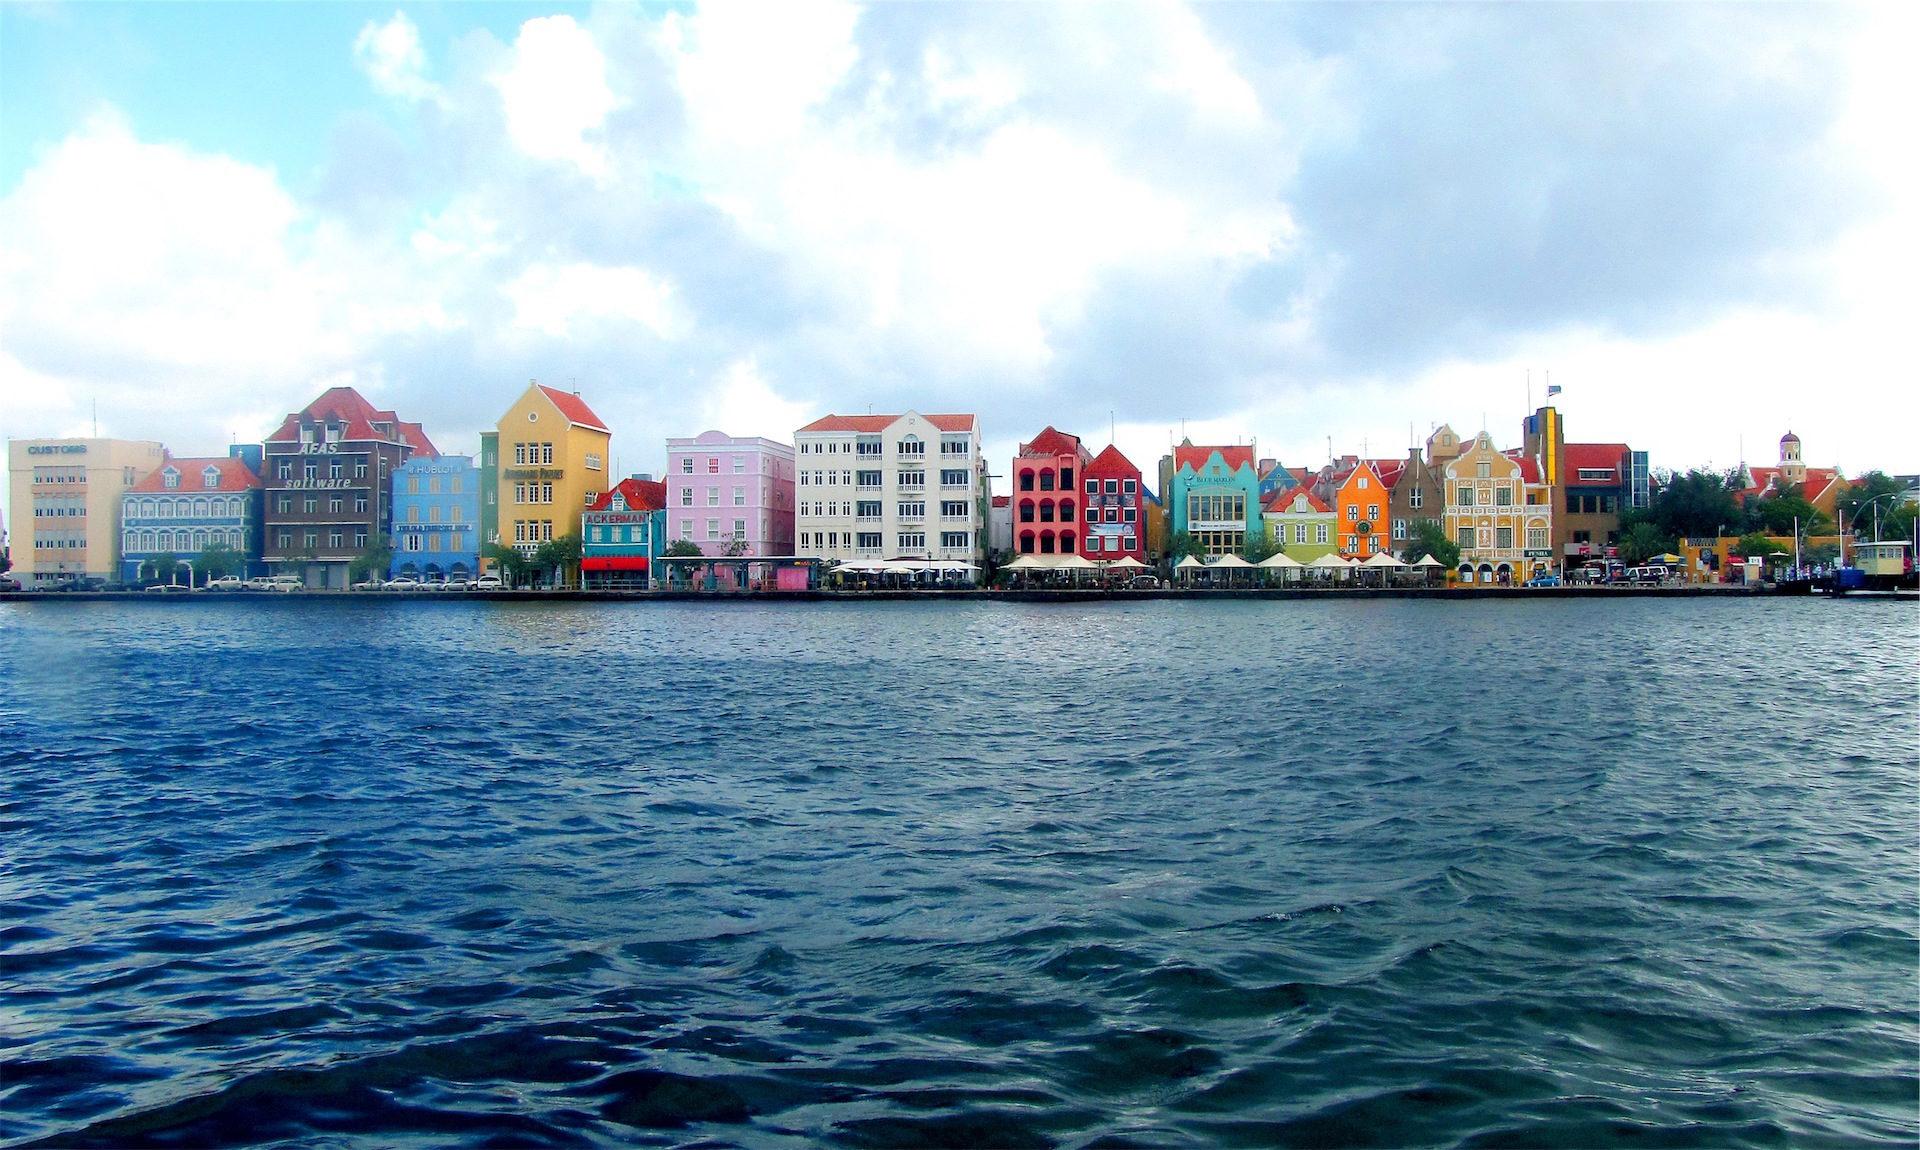 Città, Case, colori, acqua, Cielo - Sfondi HD - Professor-falken.com